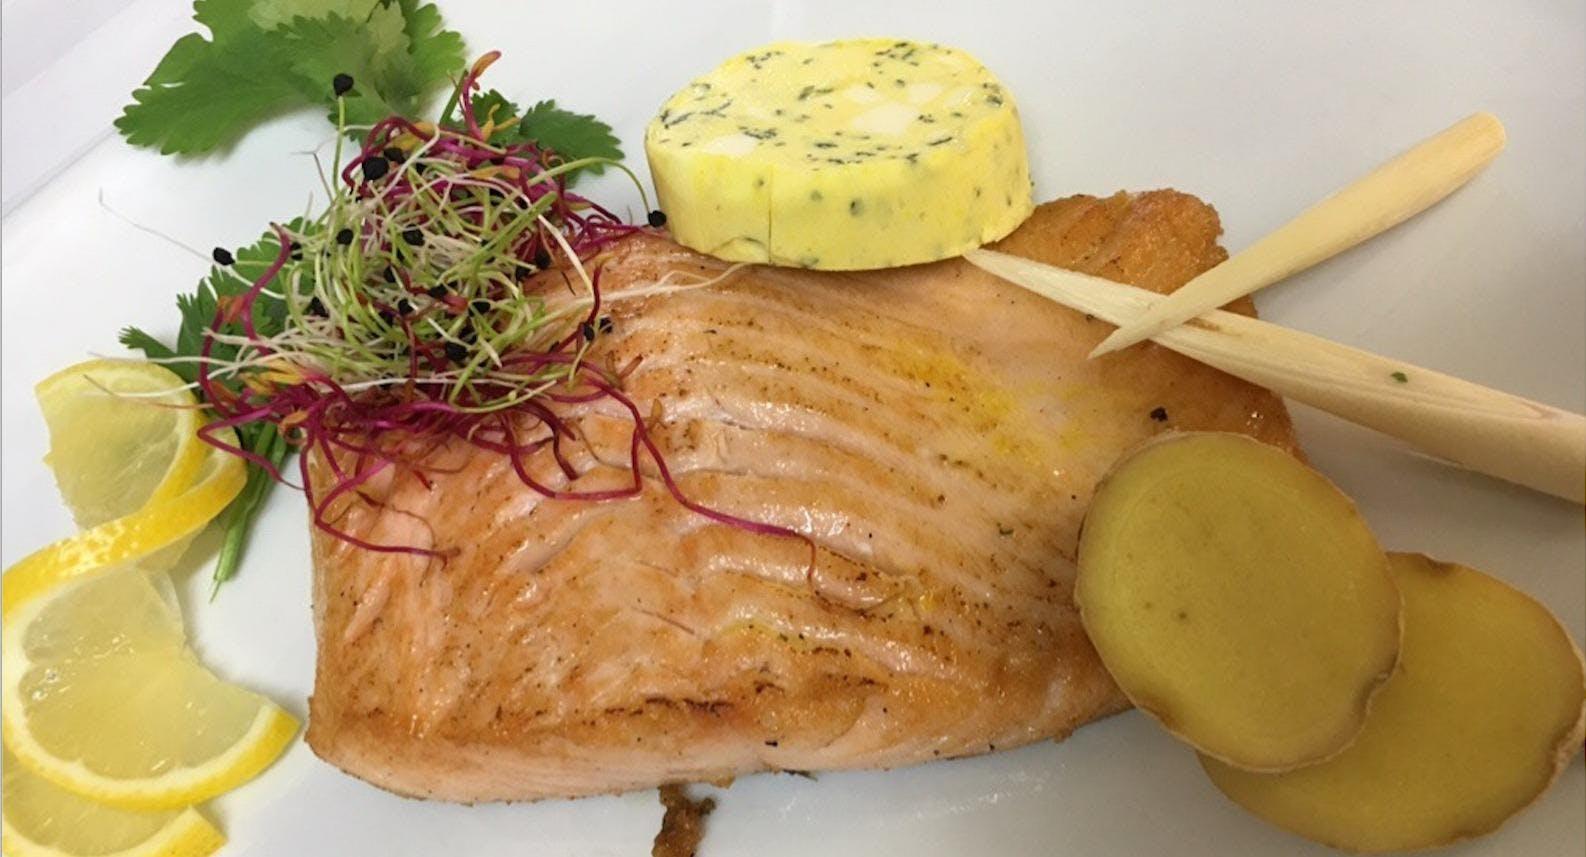 Erlebnisrestaurant Triibhuus Zürich image 3